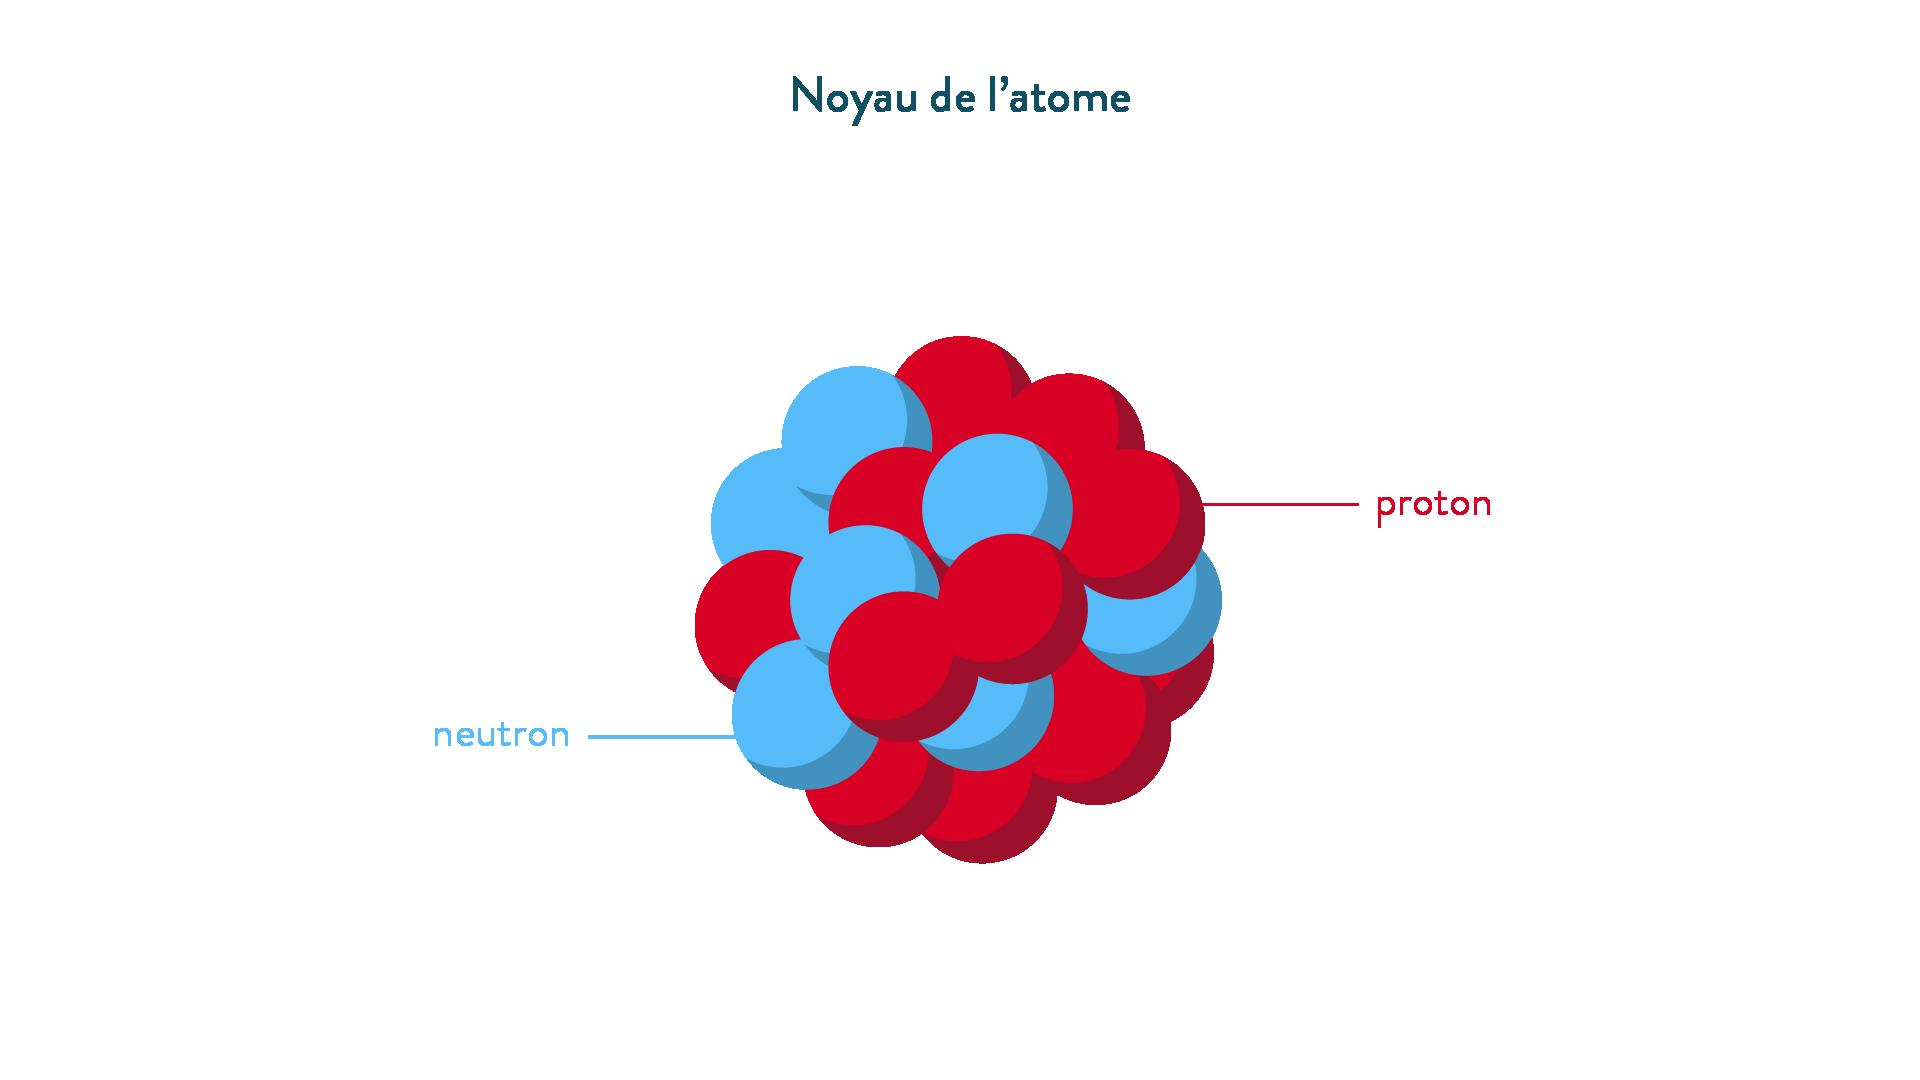 Noyau de l'atome